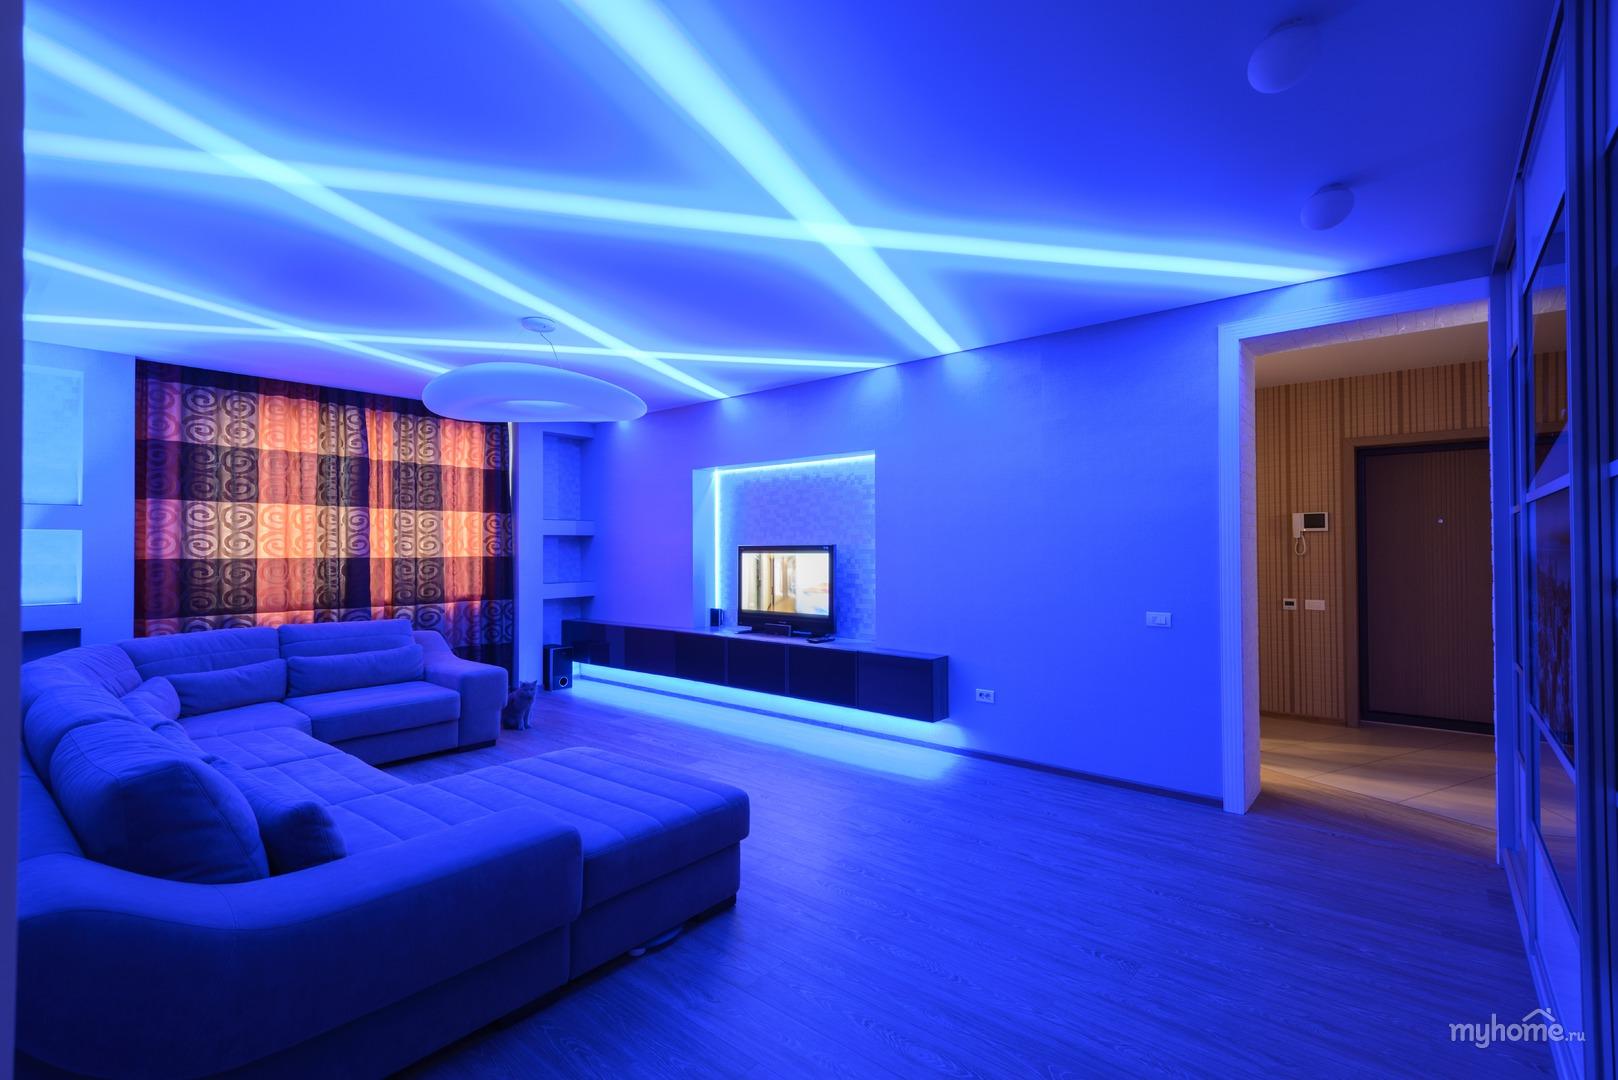 Гипсокартонный потолок с подсветкой Decor 4 House 278